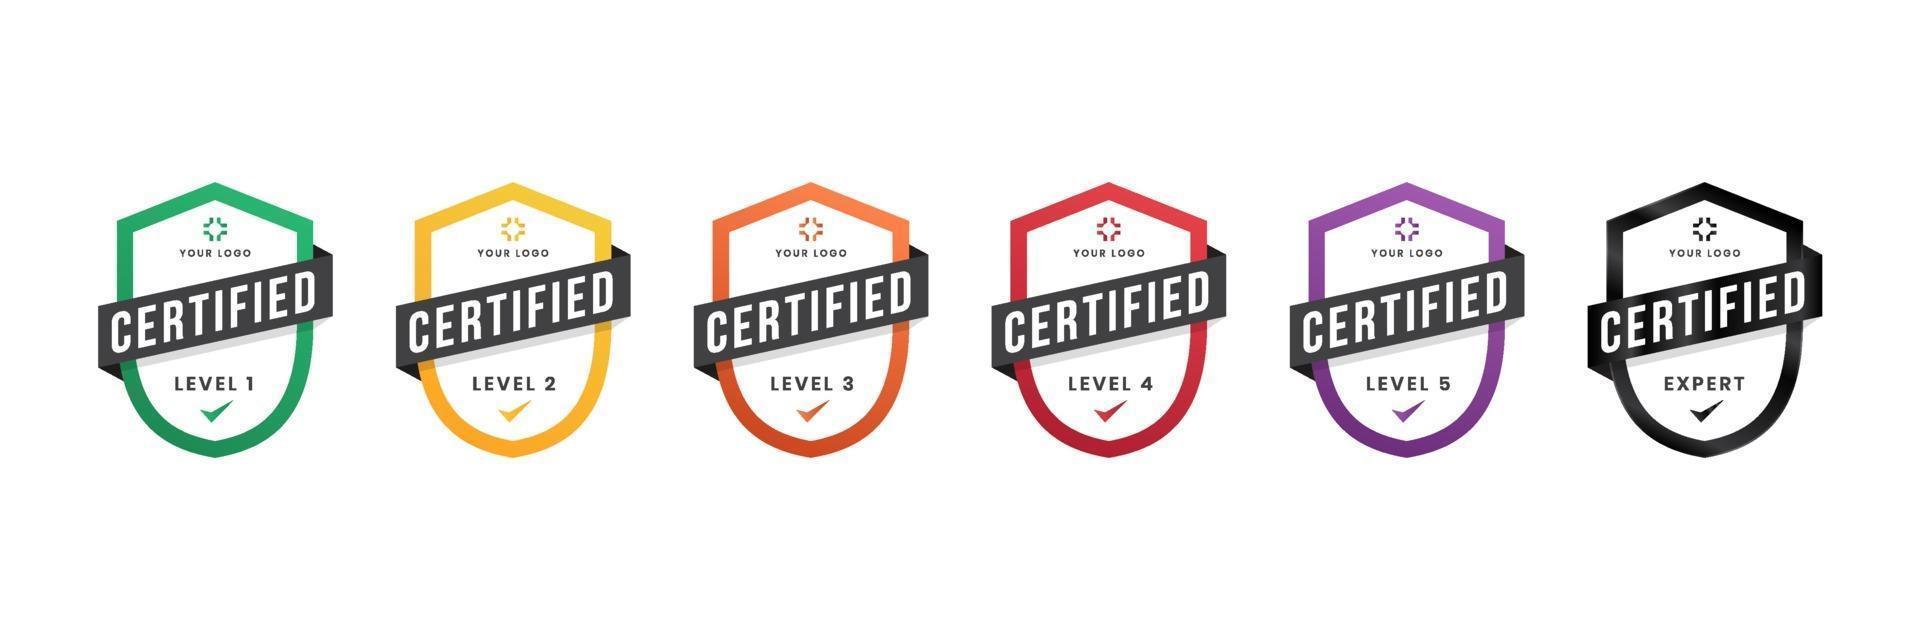 certifierat logomärke. kriterienivå digitalt certifikat med sköldlogotyp. vektor illustration ikon säker mall.